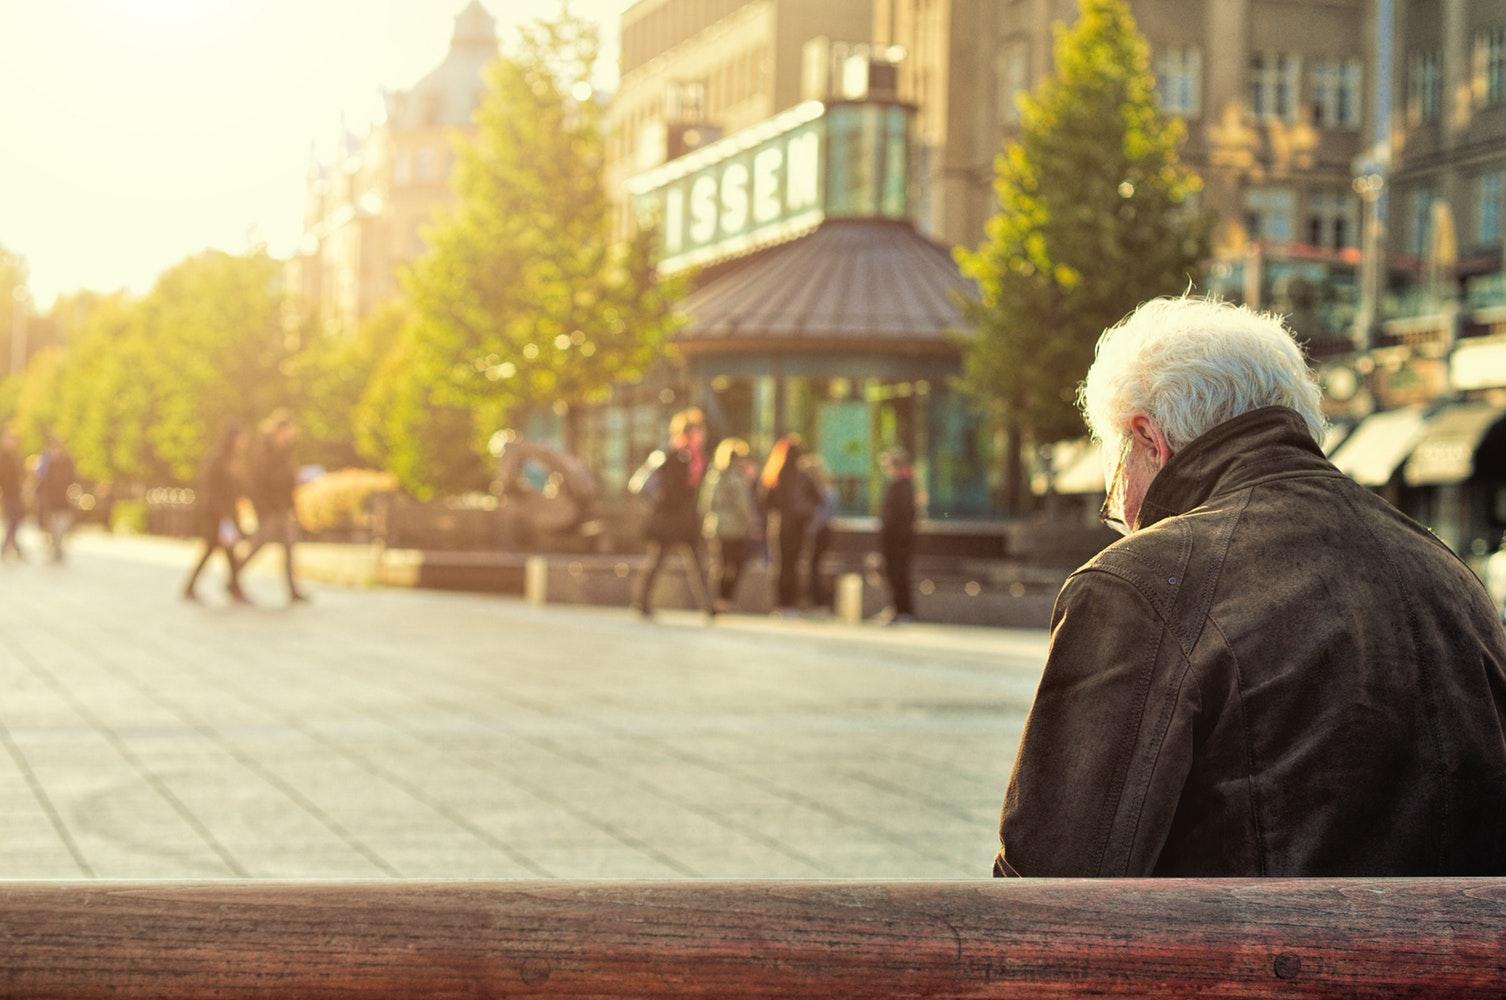 Una aplicación estima el riesgo de caída en personas mayores